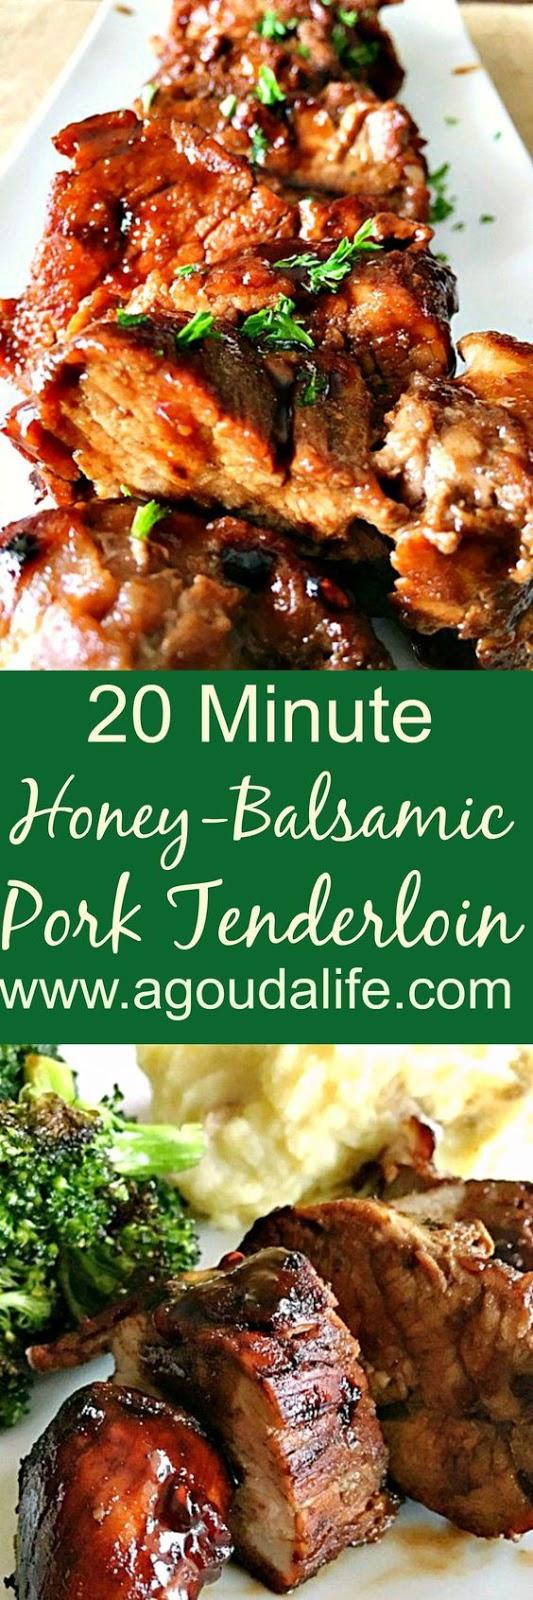 Honey Balsamic Pork Tenderloin (20 Minute Meal)